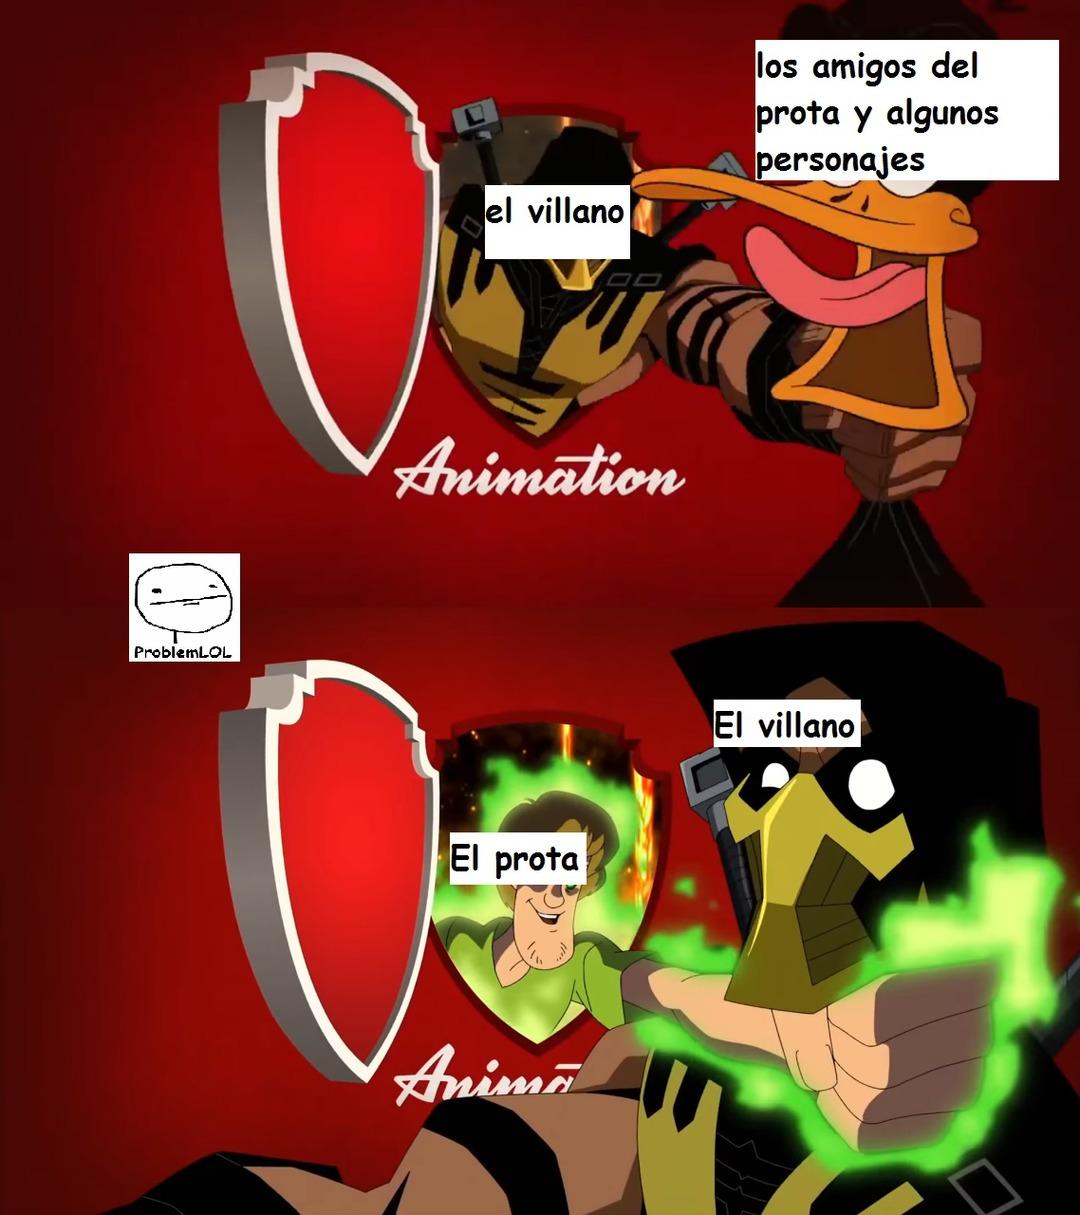 las series en resumen (lanzare la plantilla despues de este meme)